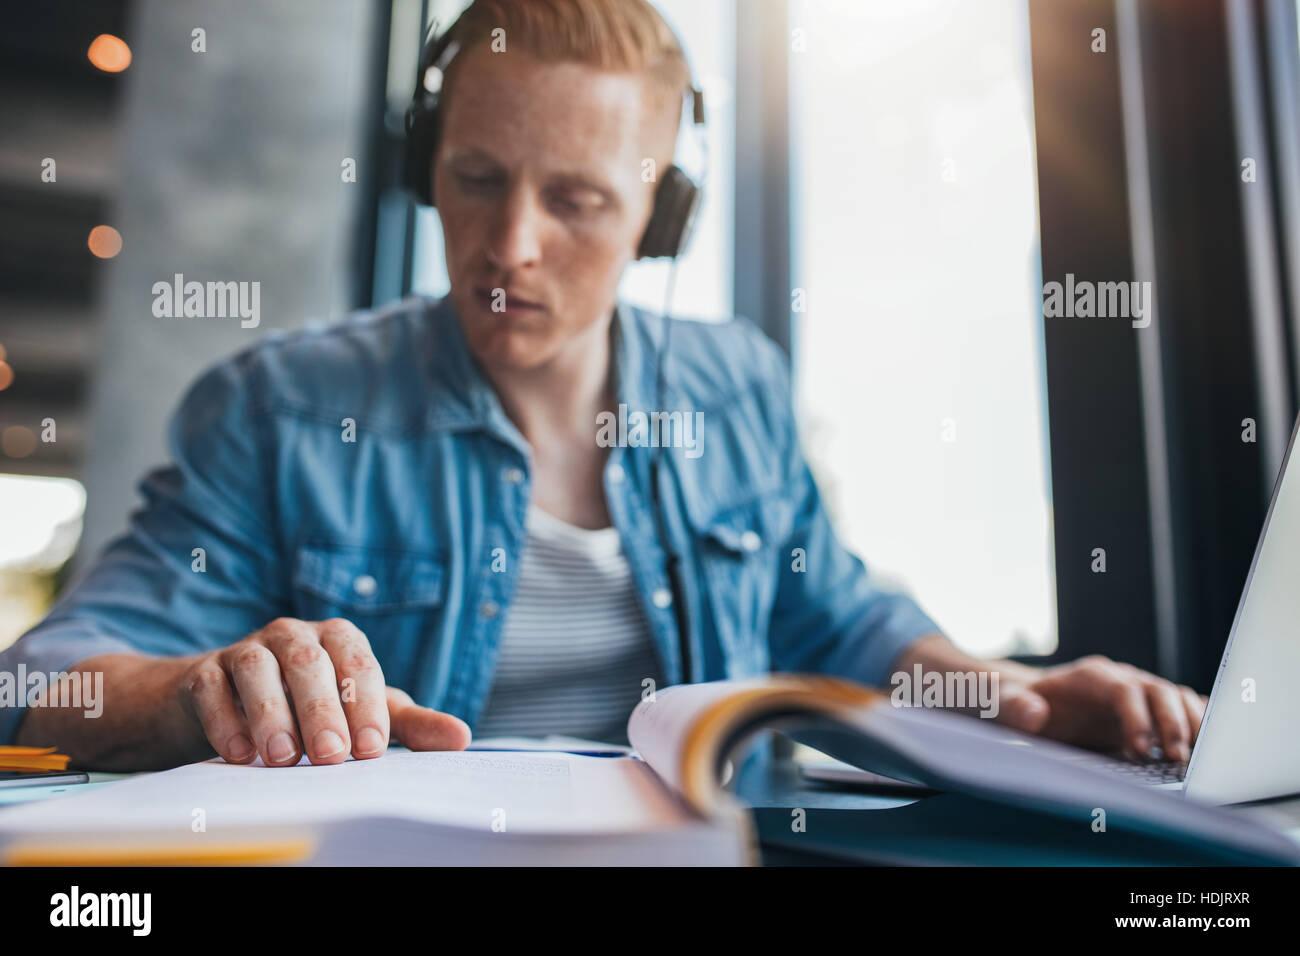 Giovane uomo seduto a tavola con libri e computer portatile per la ricerca di informazioni. Giovane maschio studente Immagini Stock